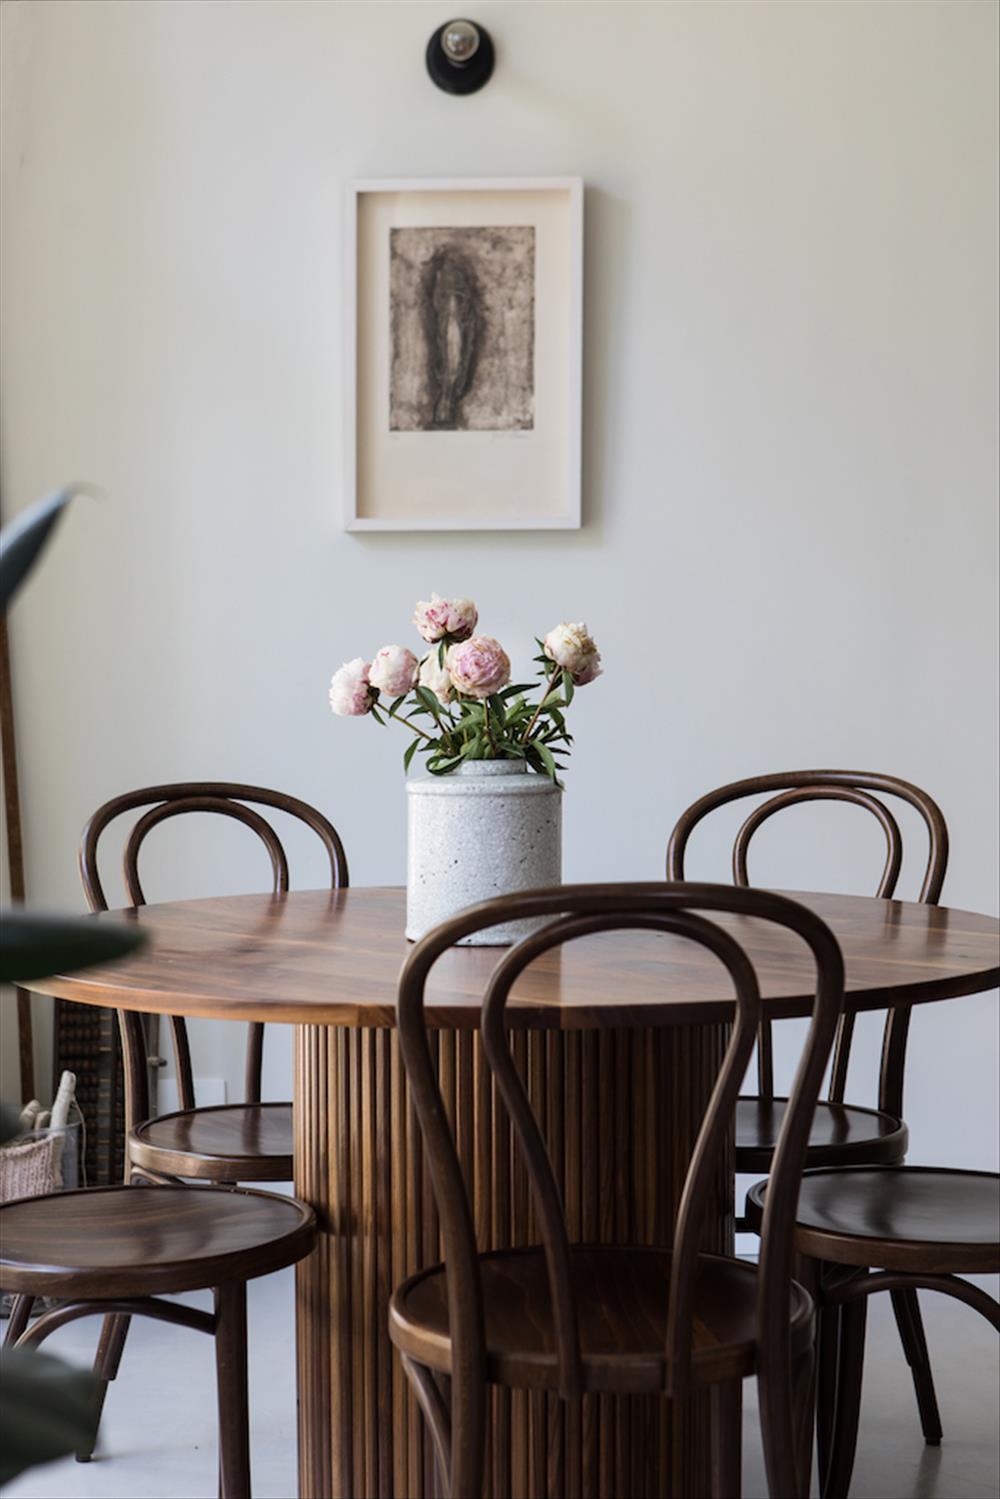 עיצוב דפנה גרבינצקי   צילום שירן כרמל